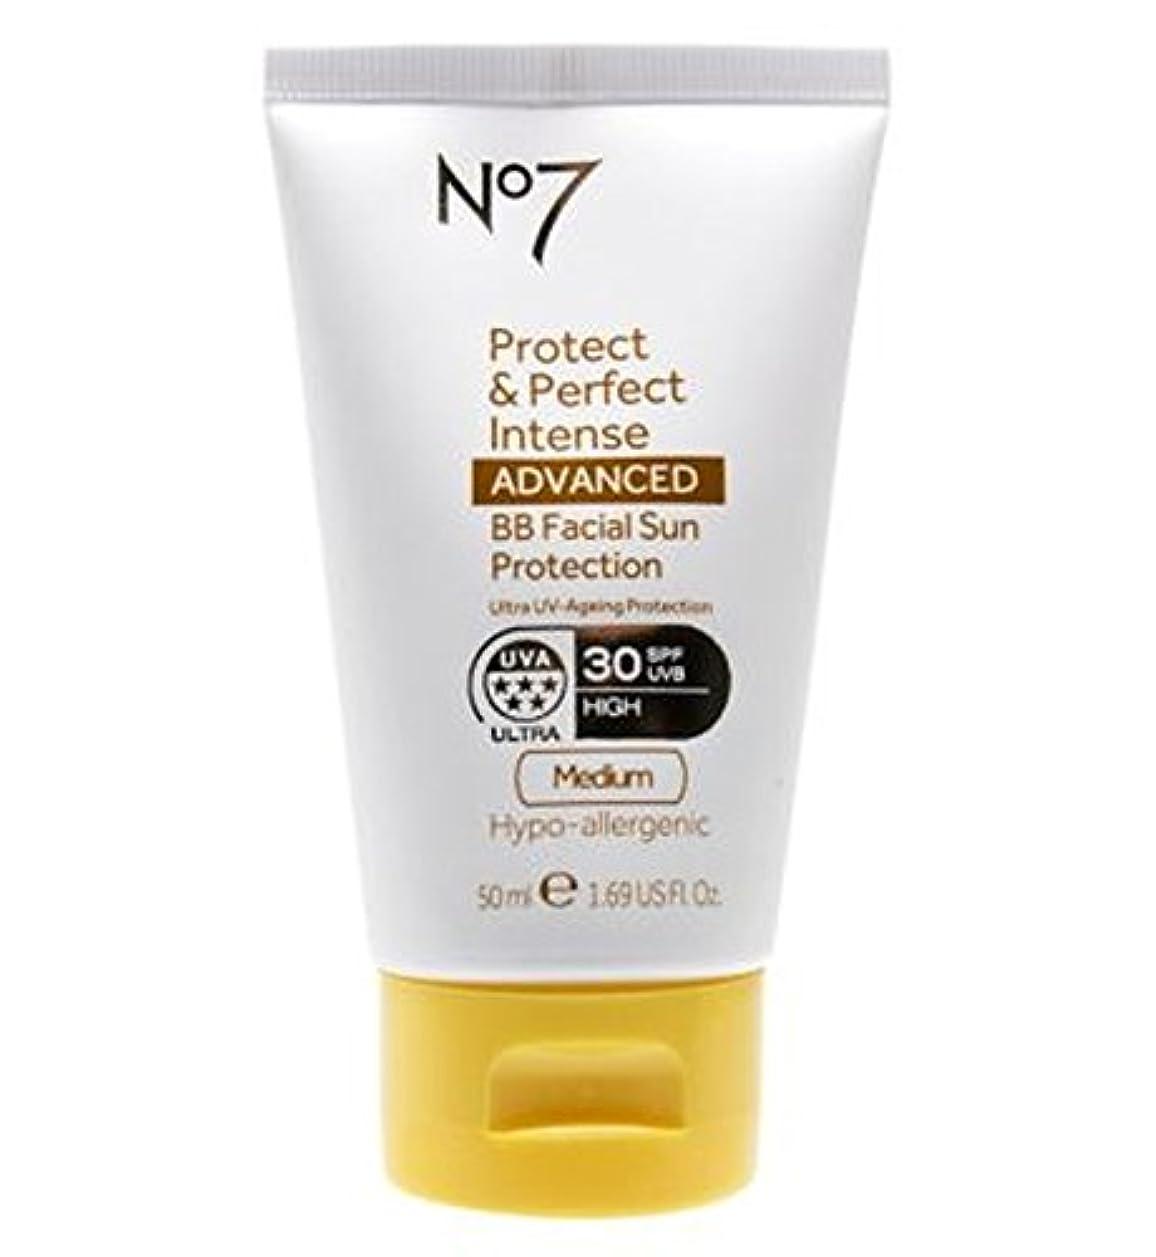 近代化する廃棄半導体No7保護&完璧な強烈な先進Bb顔の日焼け防止Spf30培地50ミリリットル (No7) (x2) - No7 Protect & Perfect Intense ADVANCED BB Facial Sun Protection...